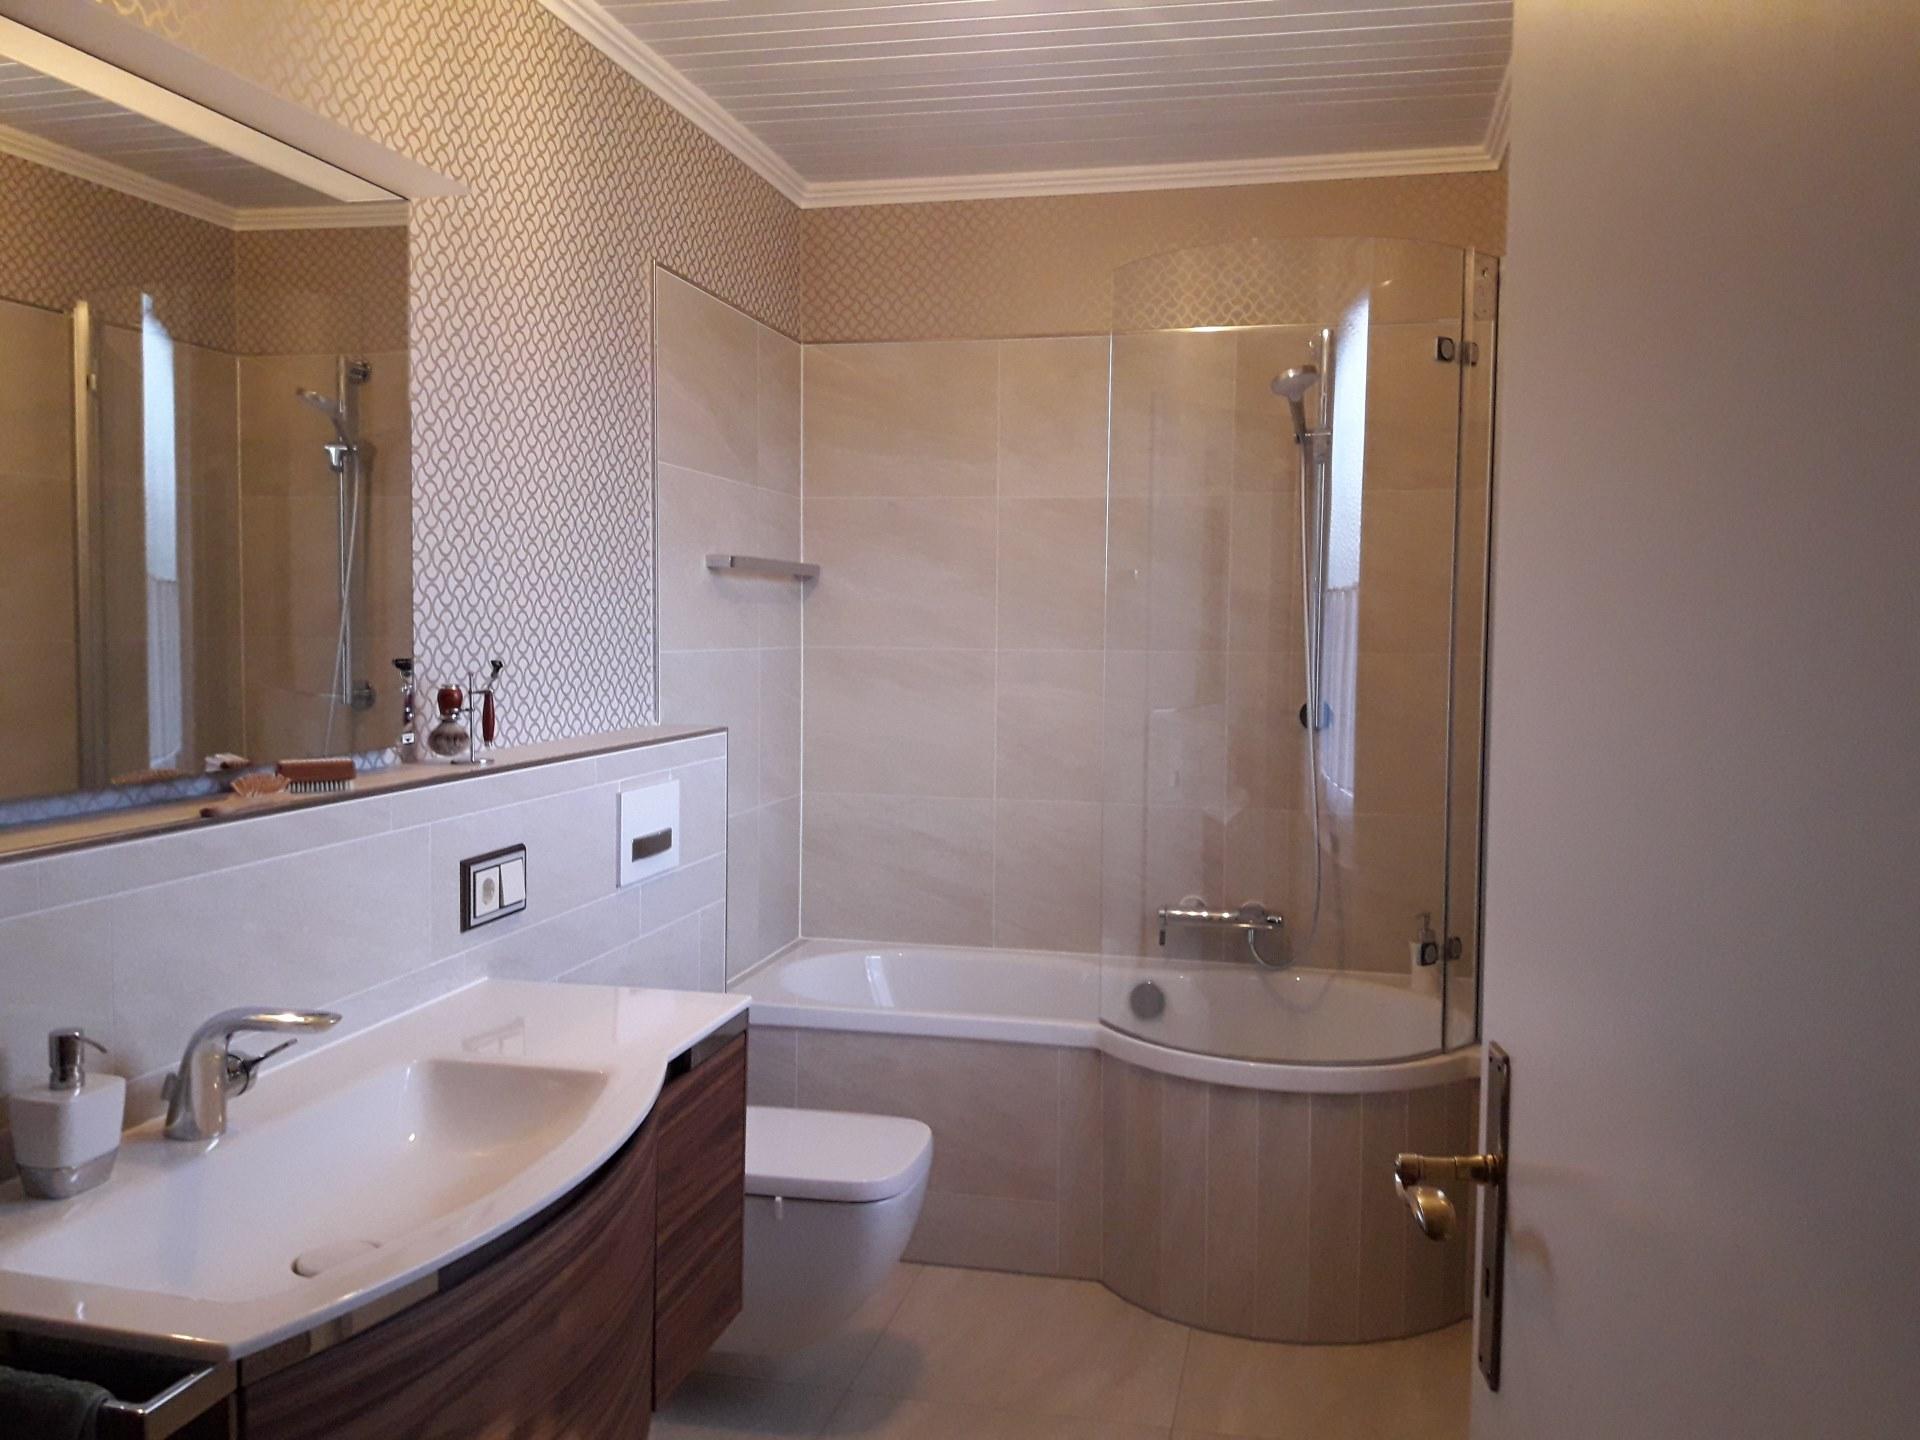 4 Bad mit Kombination aus Badewanne und Dusche – Quadratbad